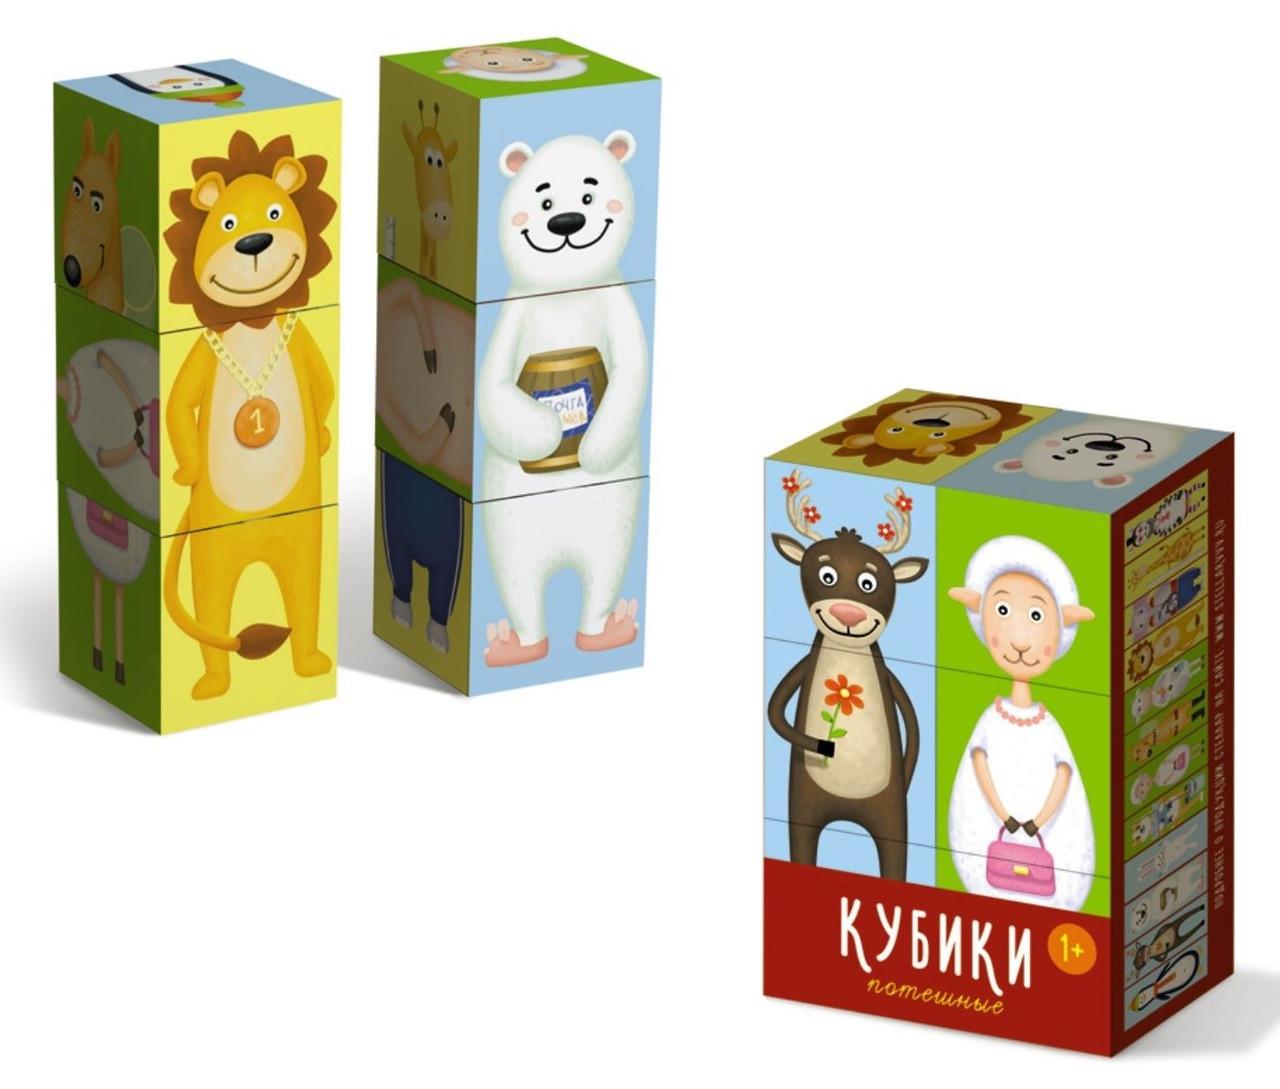 Кубики «Потешные»